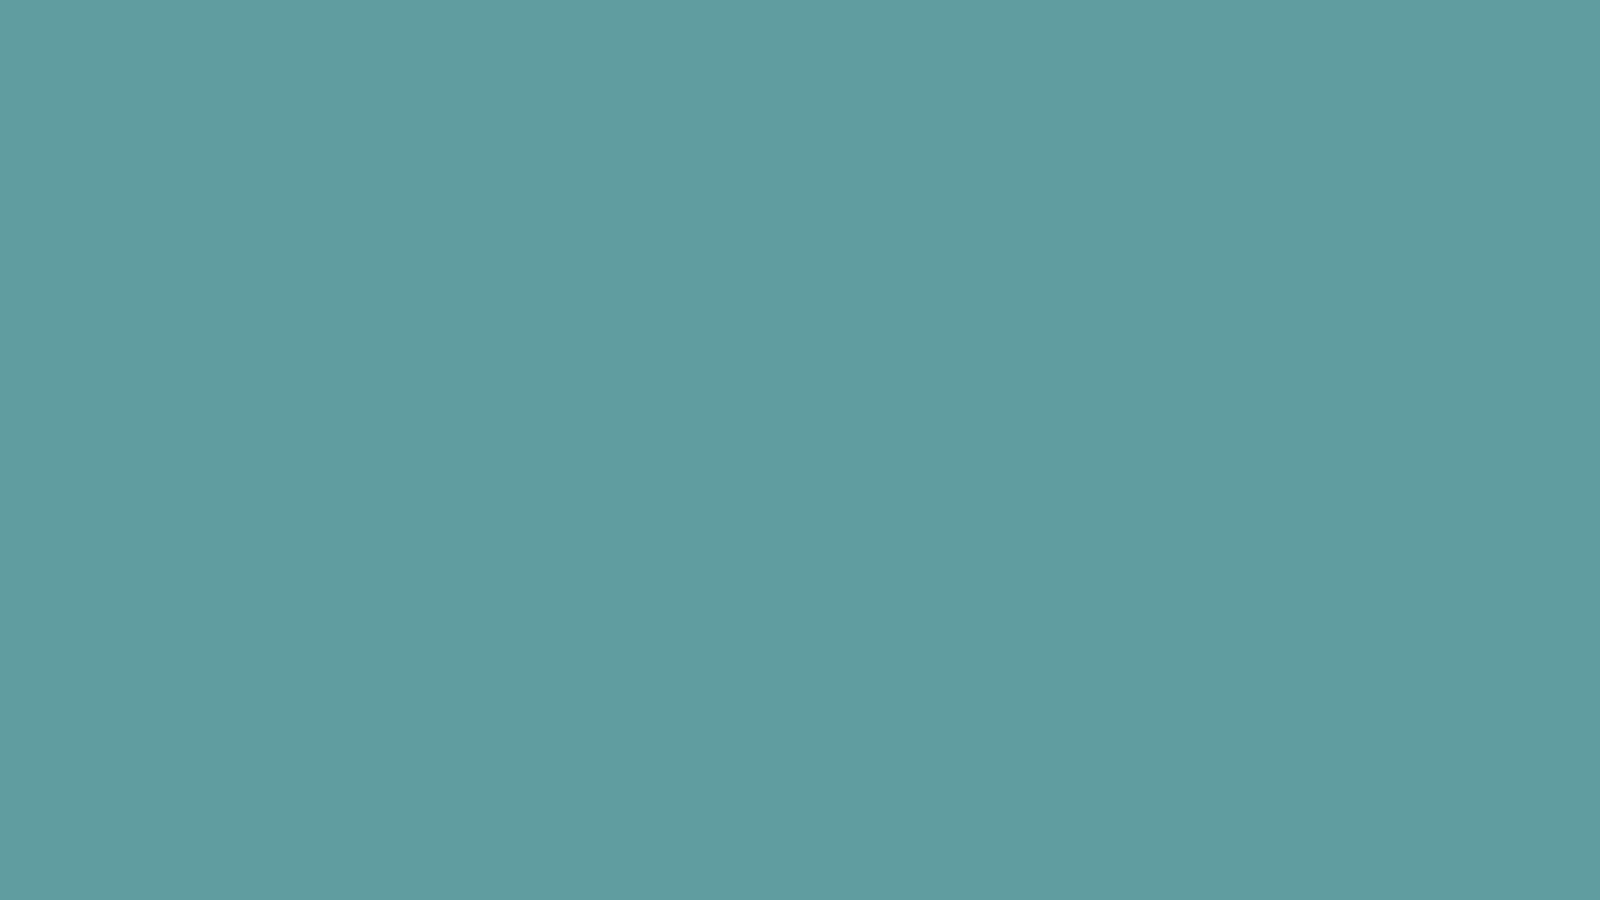 1600x900 Cadet Blue Solid Color Background